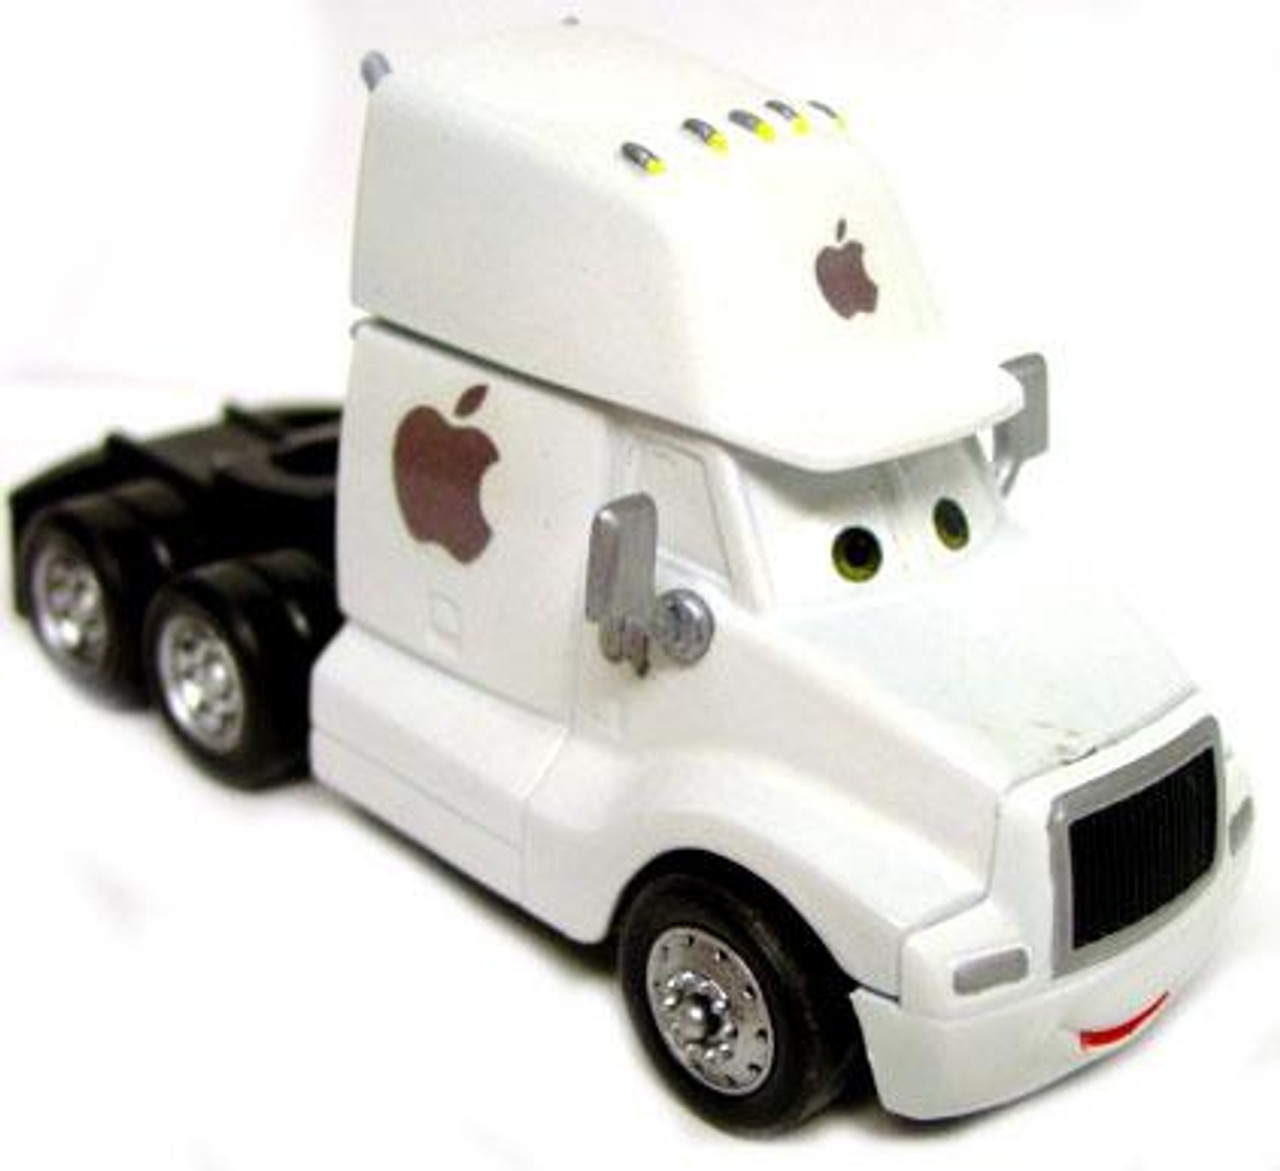 Disney Cars Custom Apple iCab Diecast Car